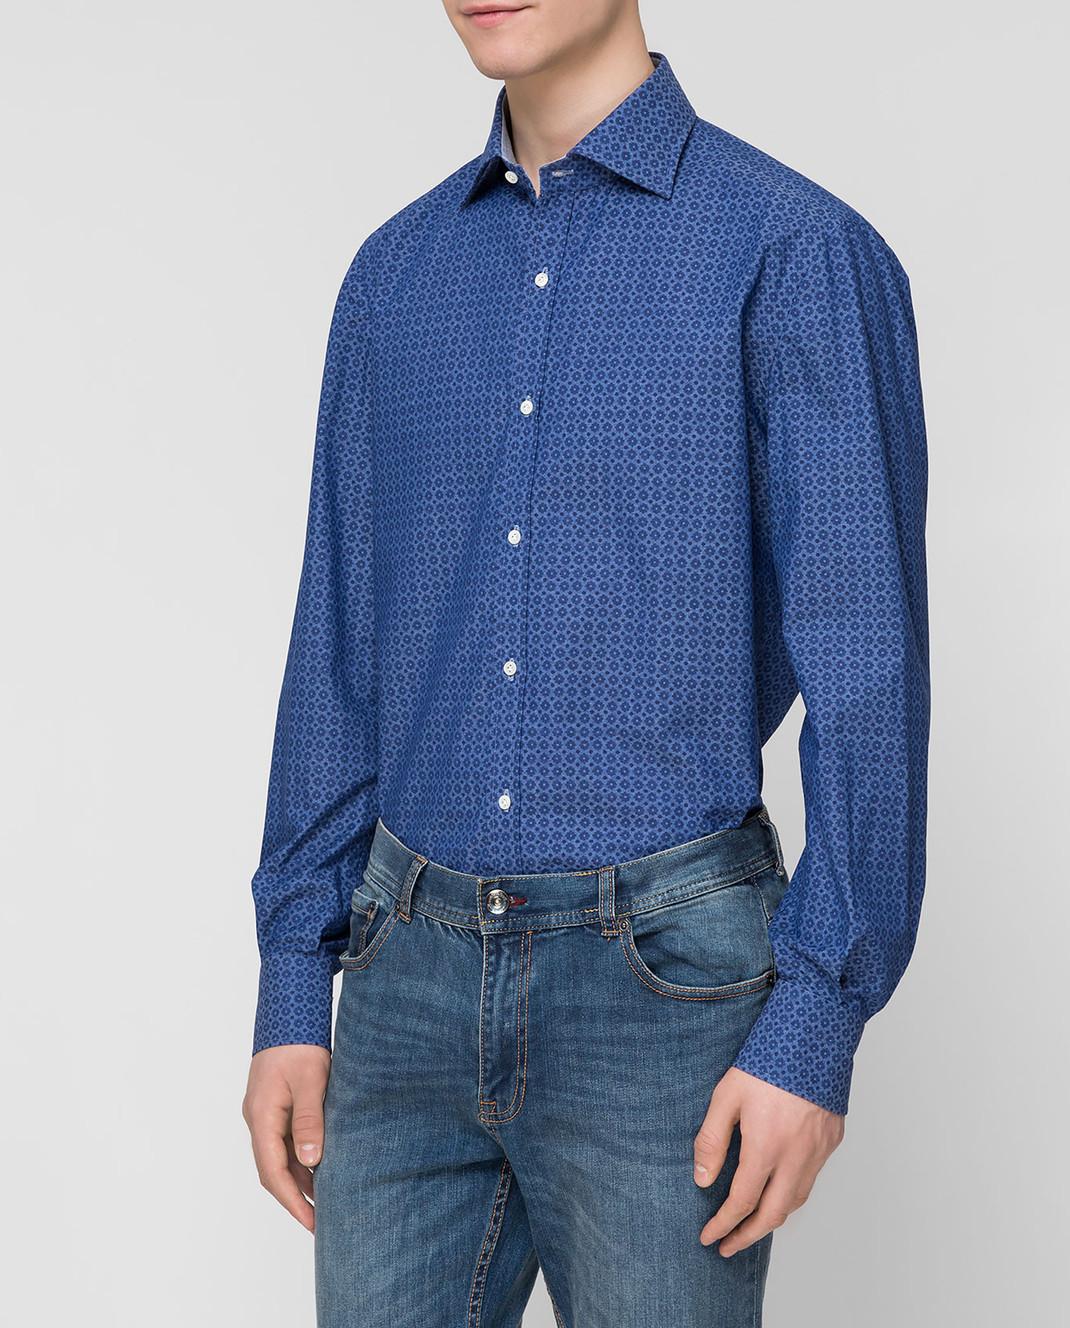 ISAIA Синяя рубашка CAM088C6083 изображение 3